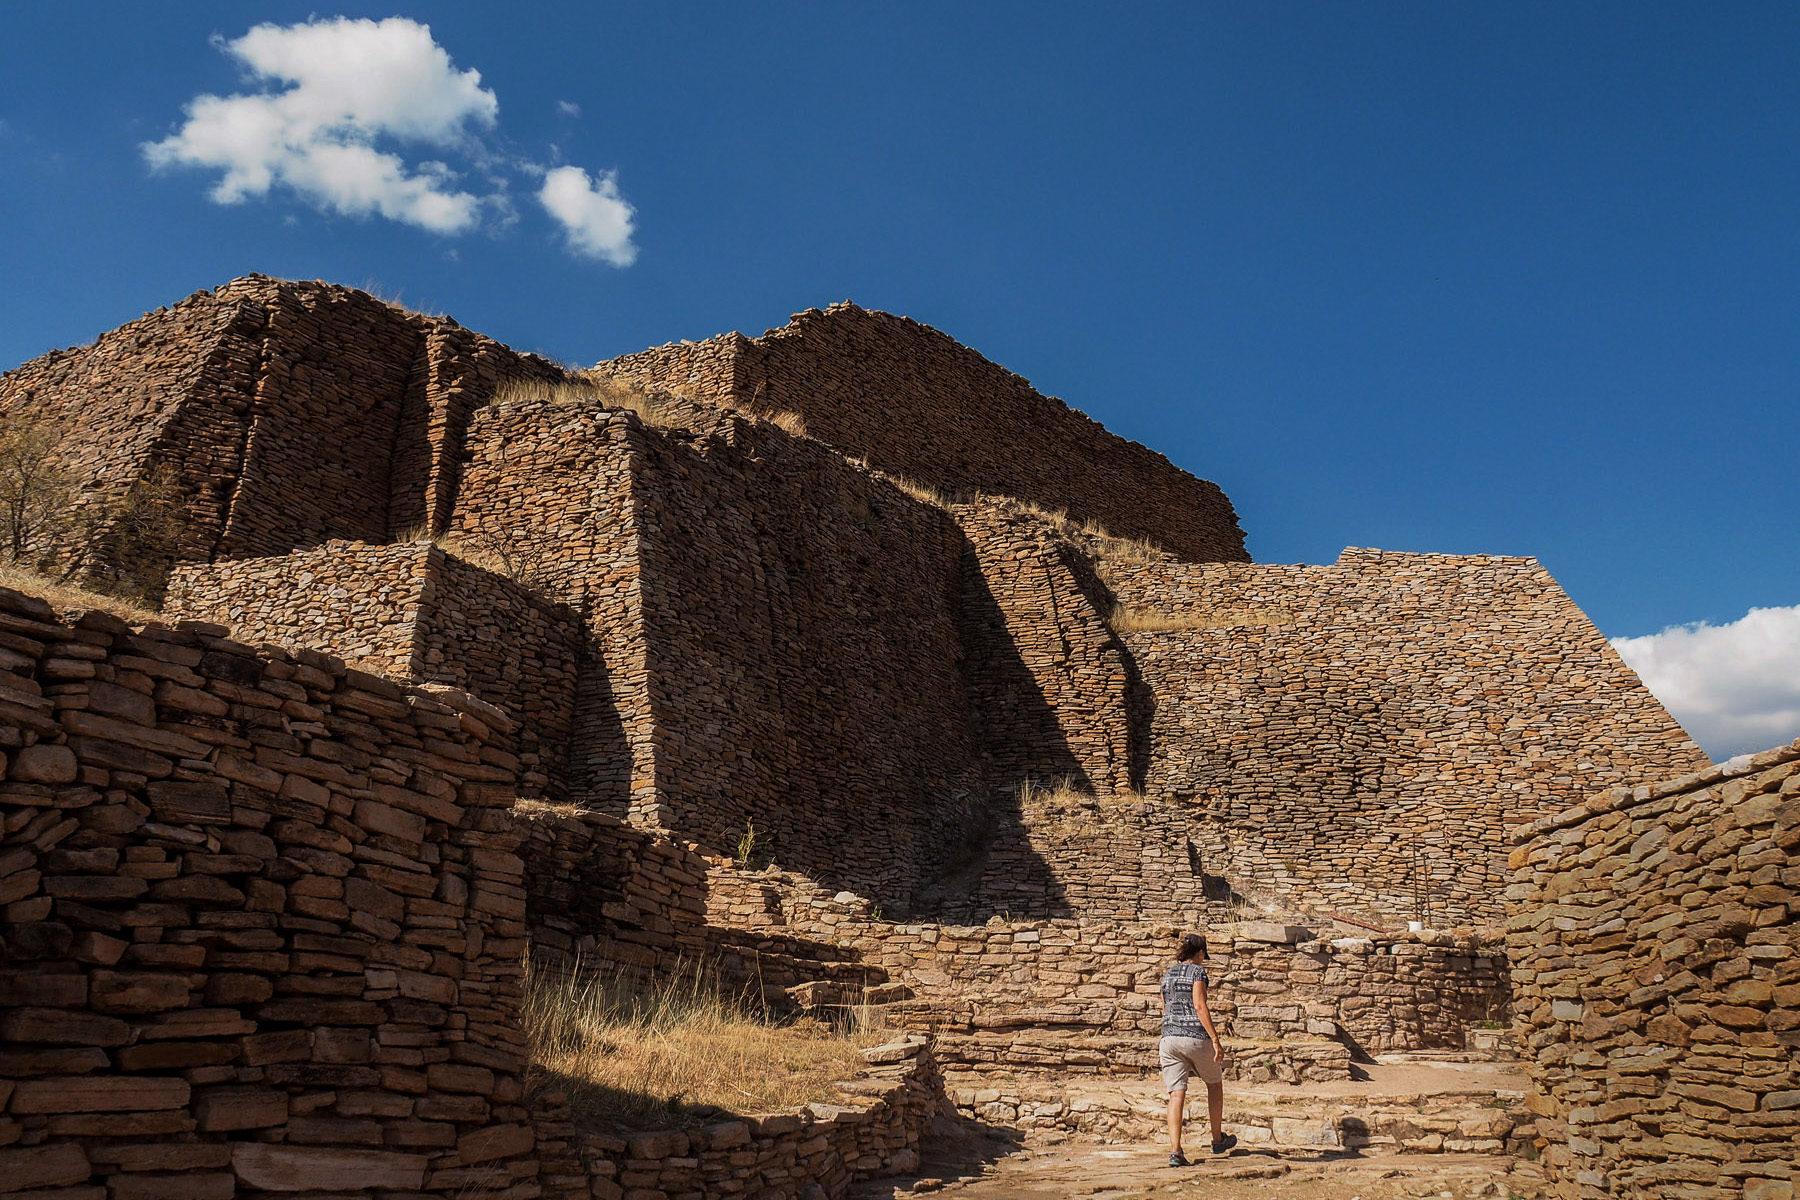 Überraschend große Festungs- und Tempelanlage aus dem 7ten Jahrhundert: La Quemada